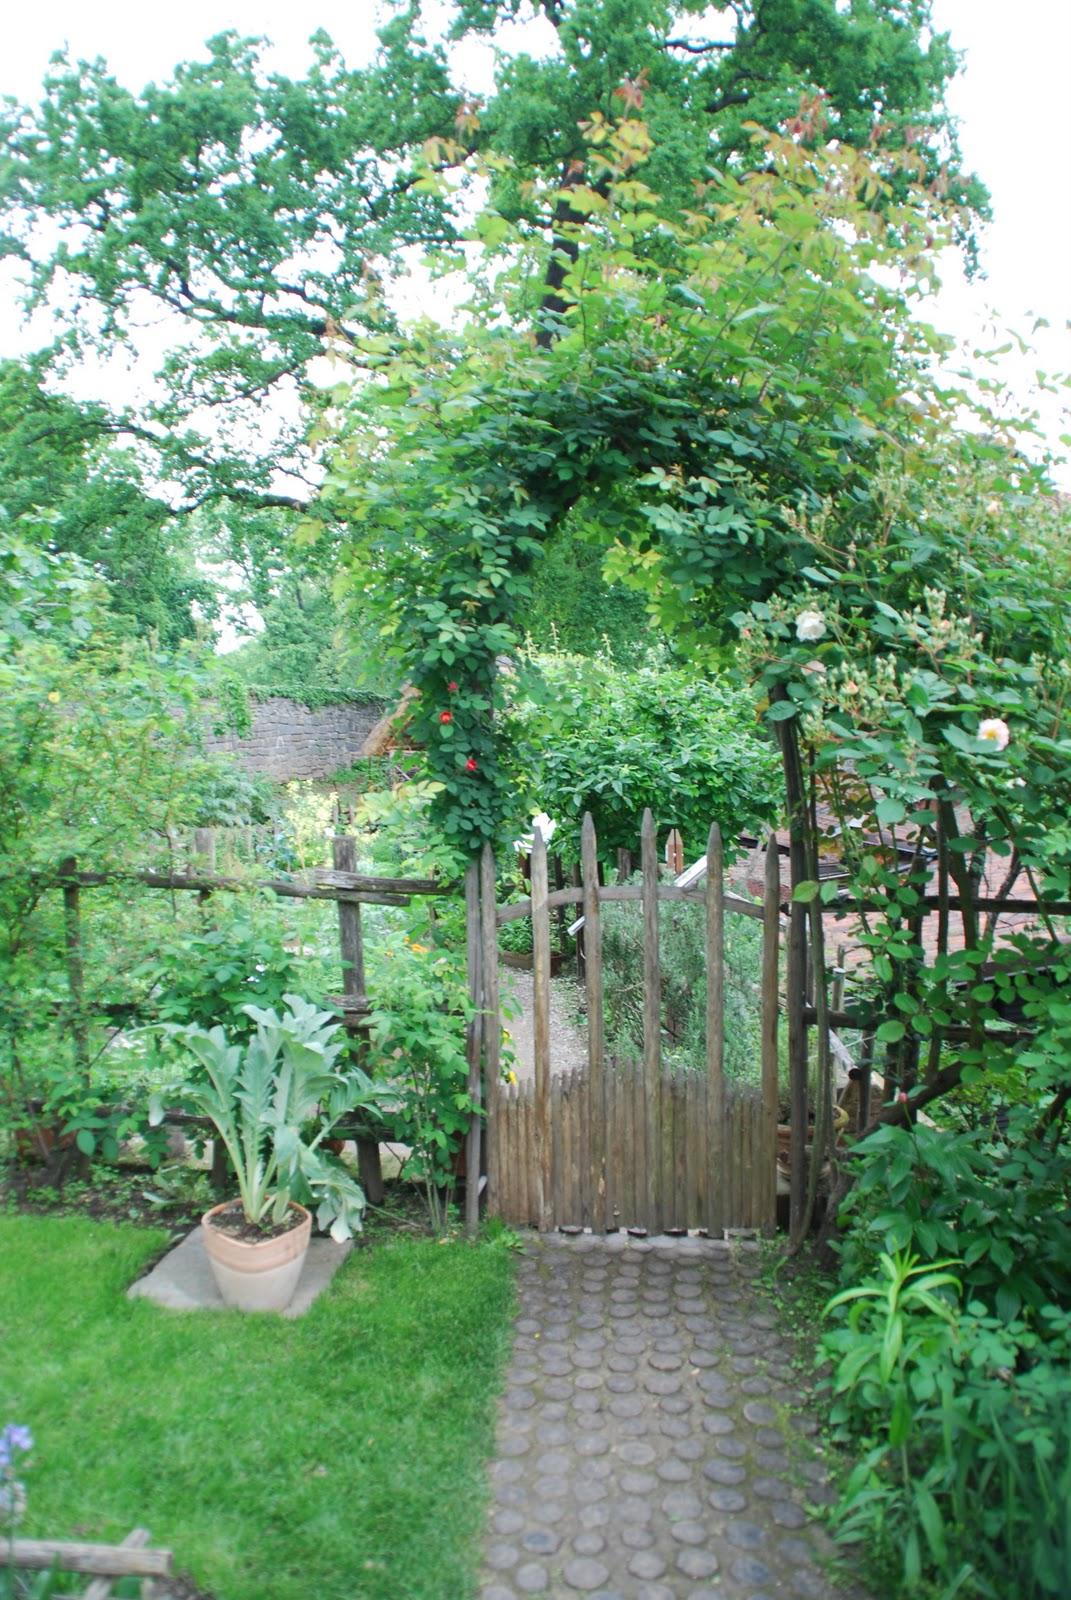 Un anno al giardino medievale di torino 2 parte - Cancelletto giardino ...